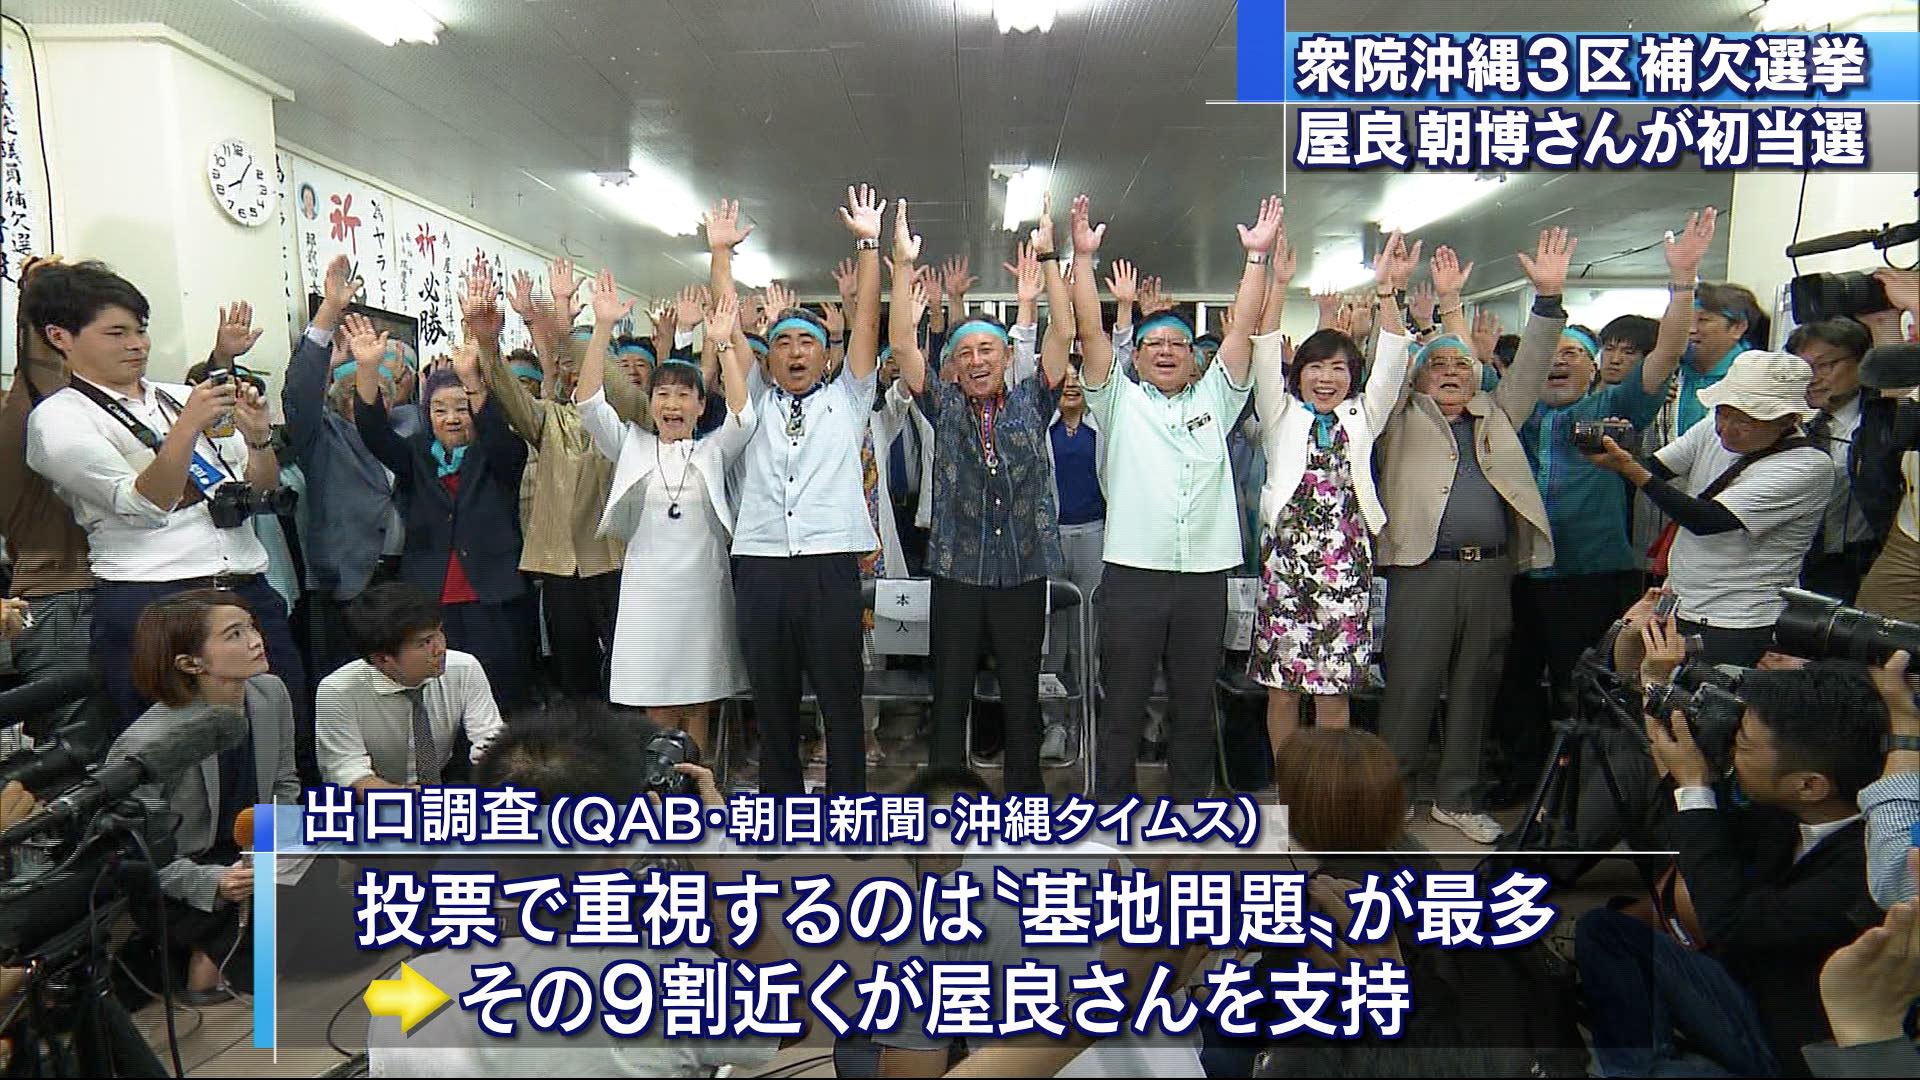 衆院3区補選 屋良朝博さんが当選 投票率は44%